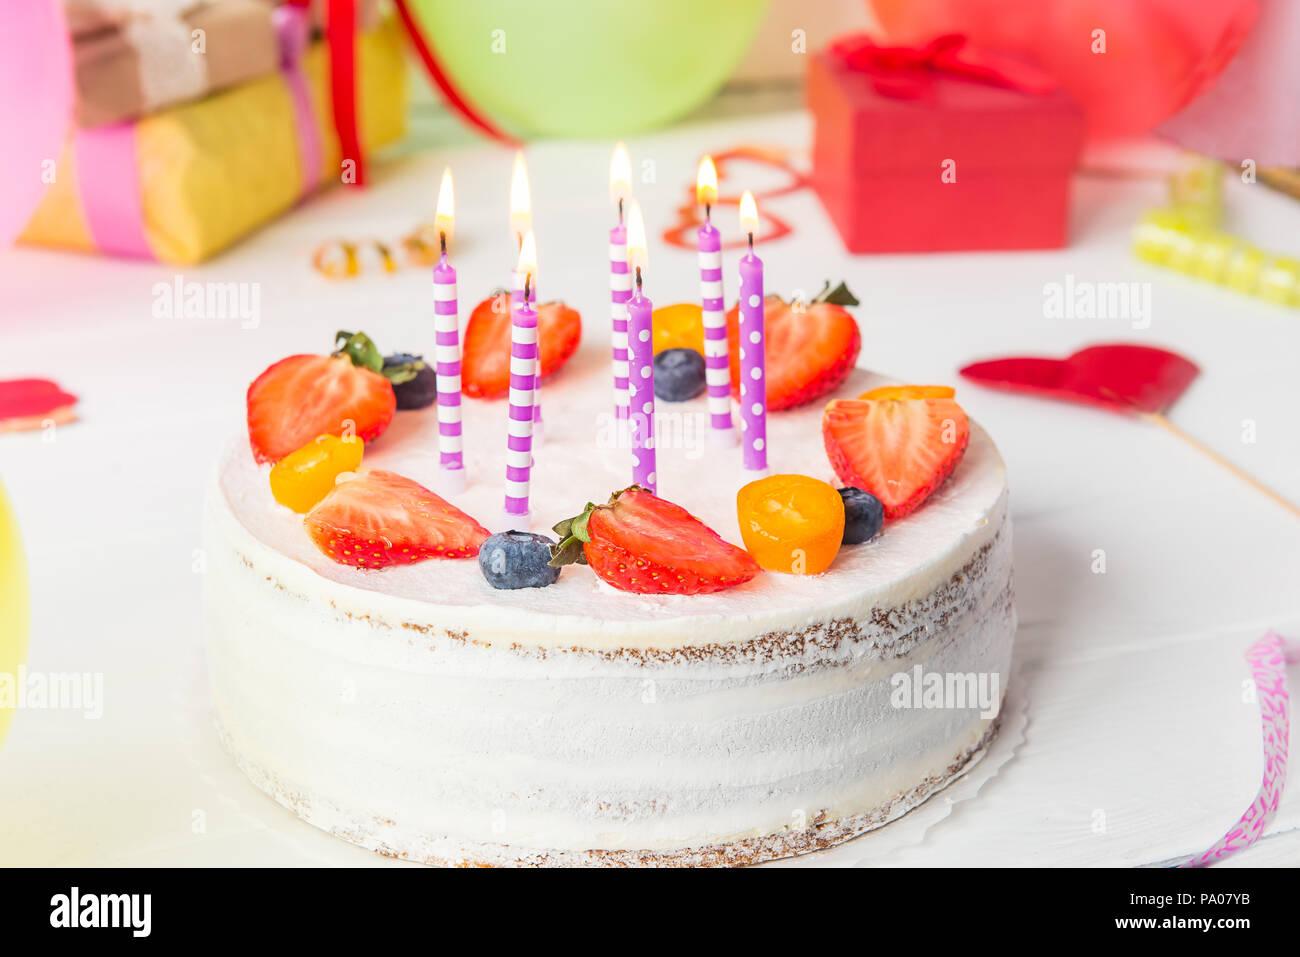 Geburtstag Gesund Joghurt Berry Kuchen Mit Kerzen Auf Bunte Party